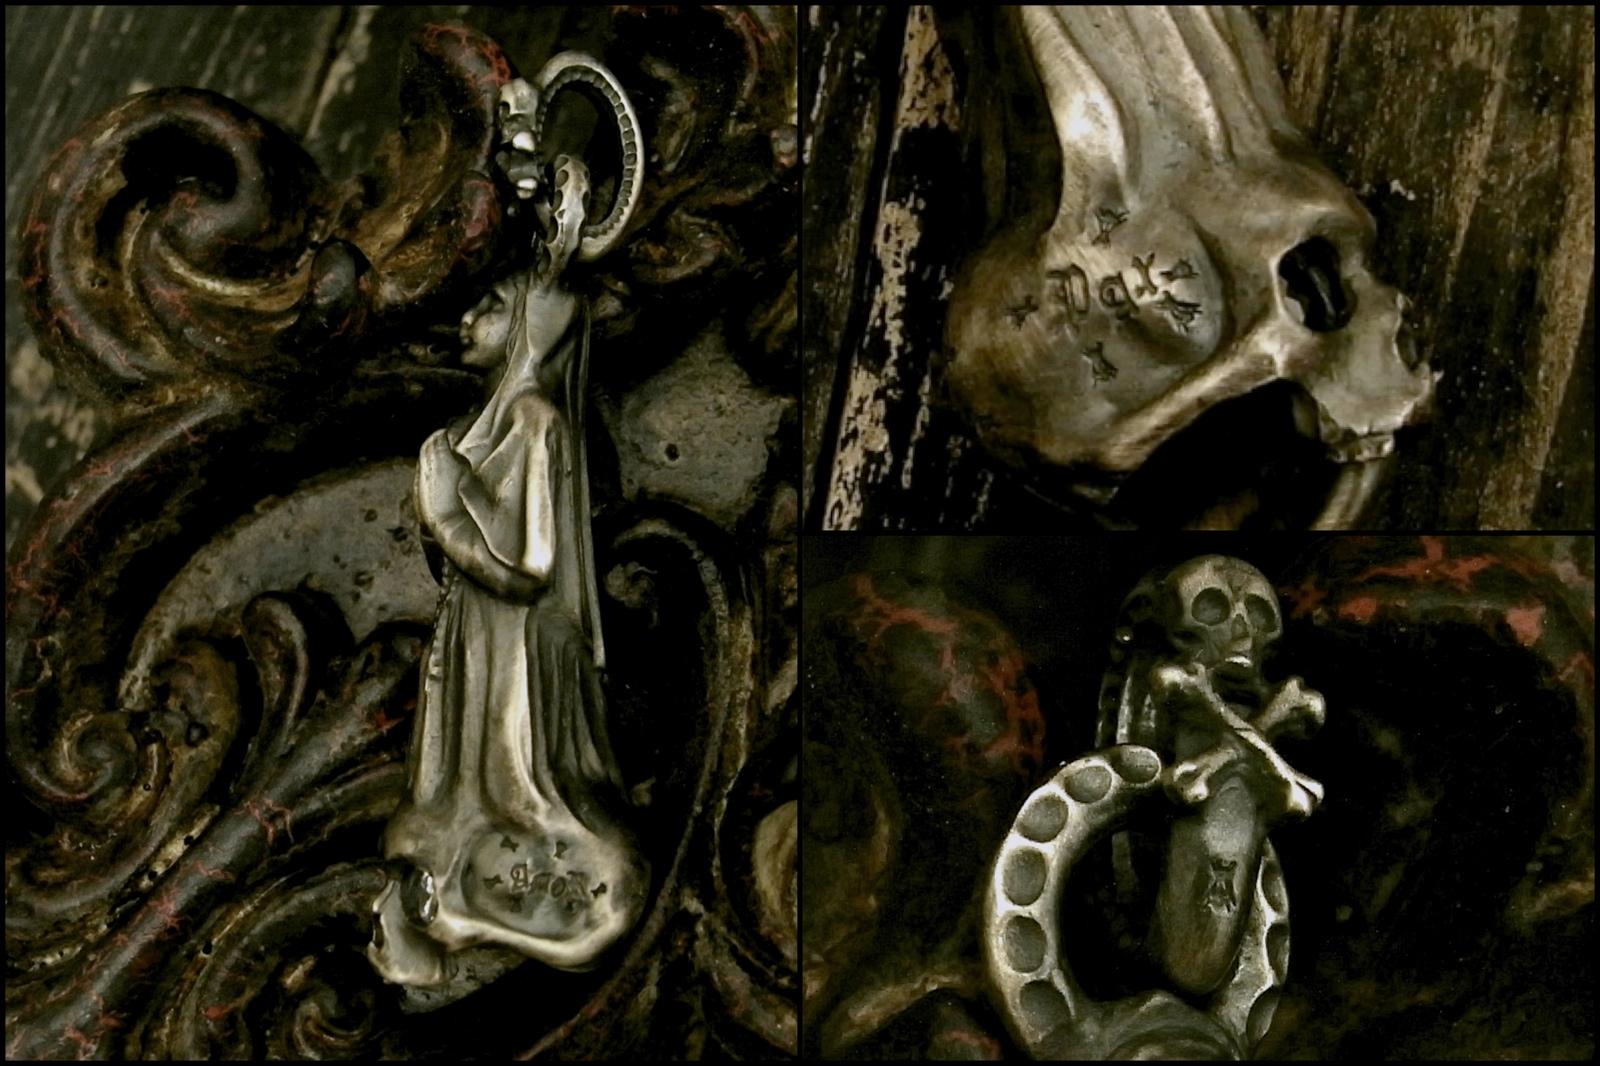 至る所に悪魔を意味する蠅が・・・【Faith Pendant】